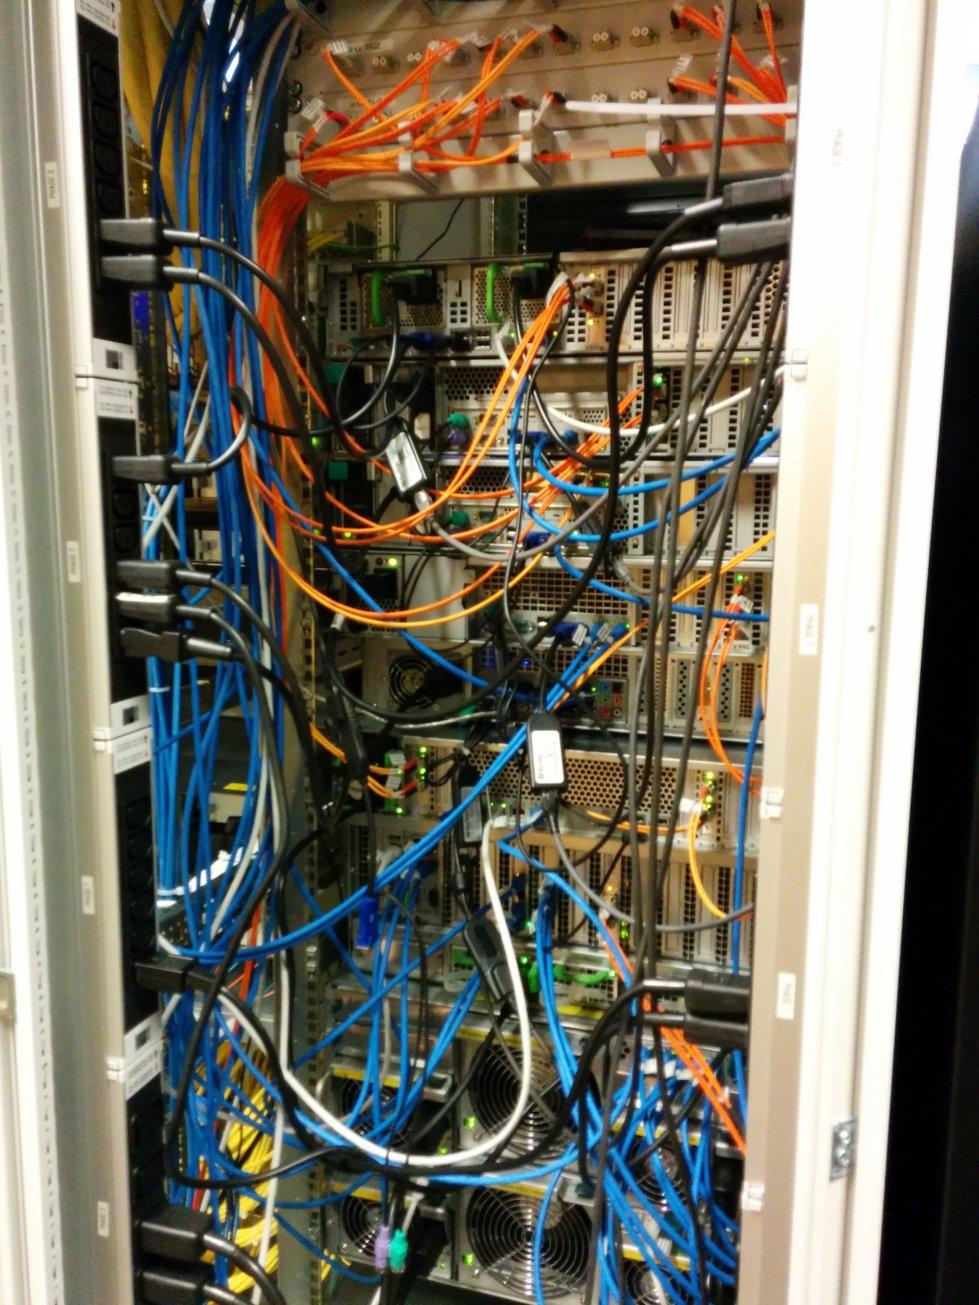 Der Serverraum ist laut aber farbenfroh